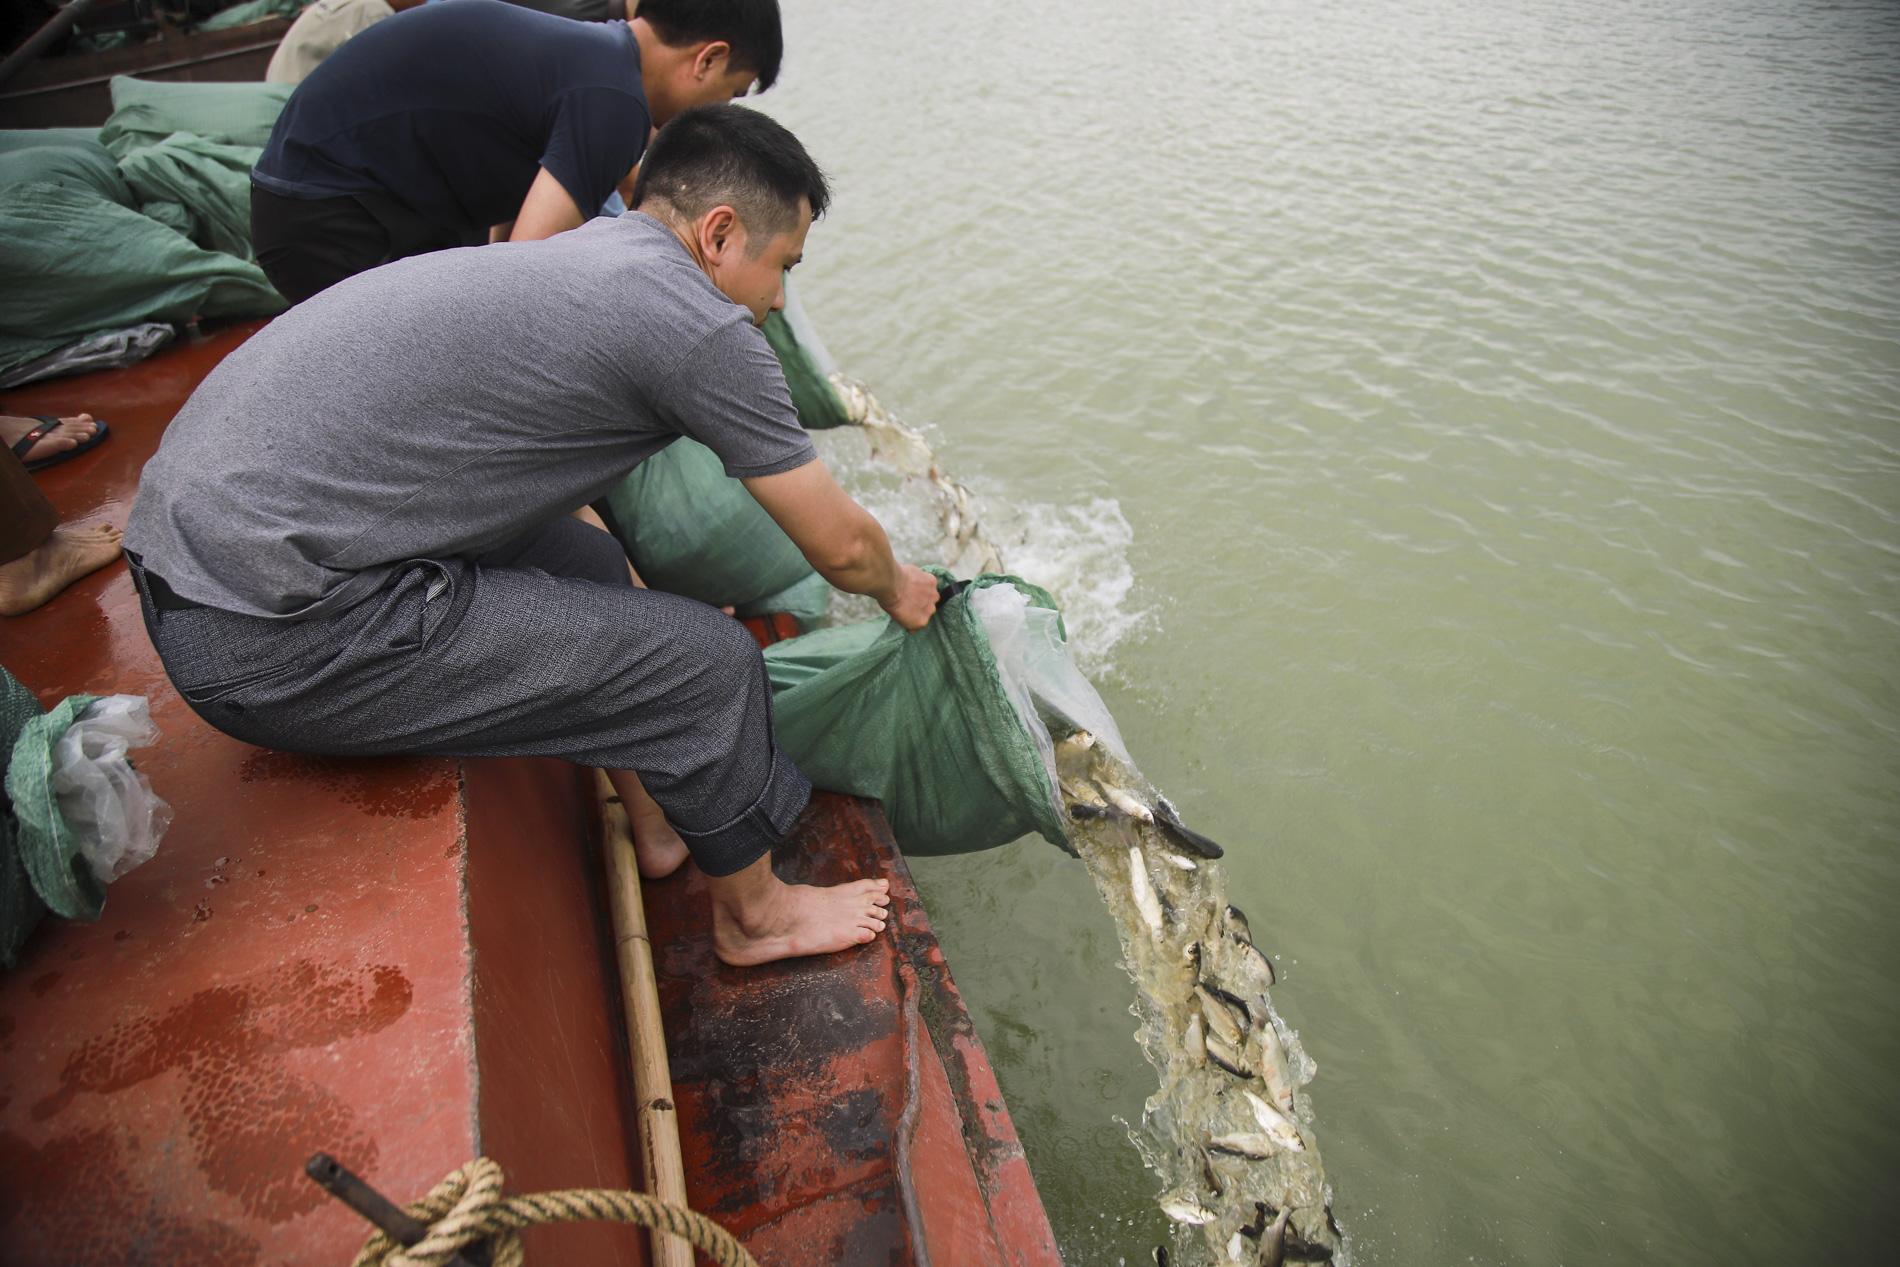 Hơn 10 tấn cá được phóng sinh trên quê hương Bác Hồ - Ảnh 3.